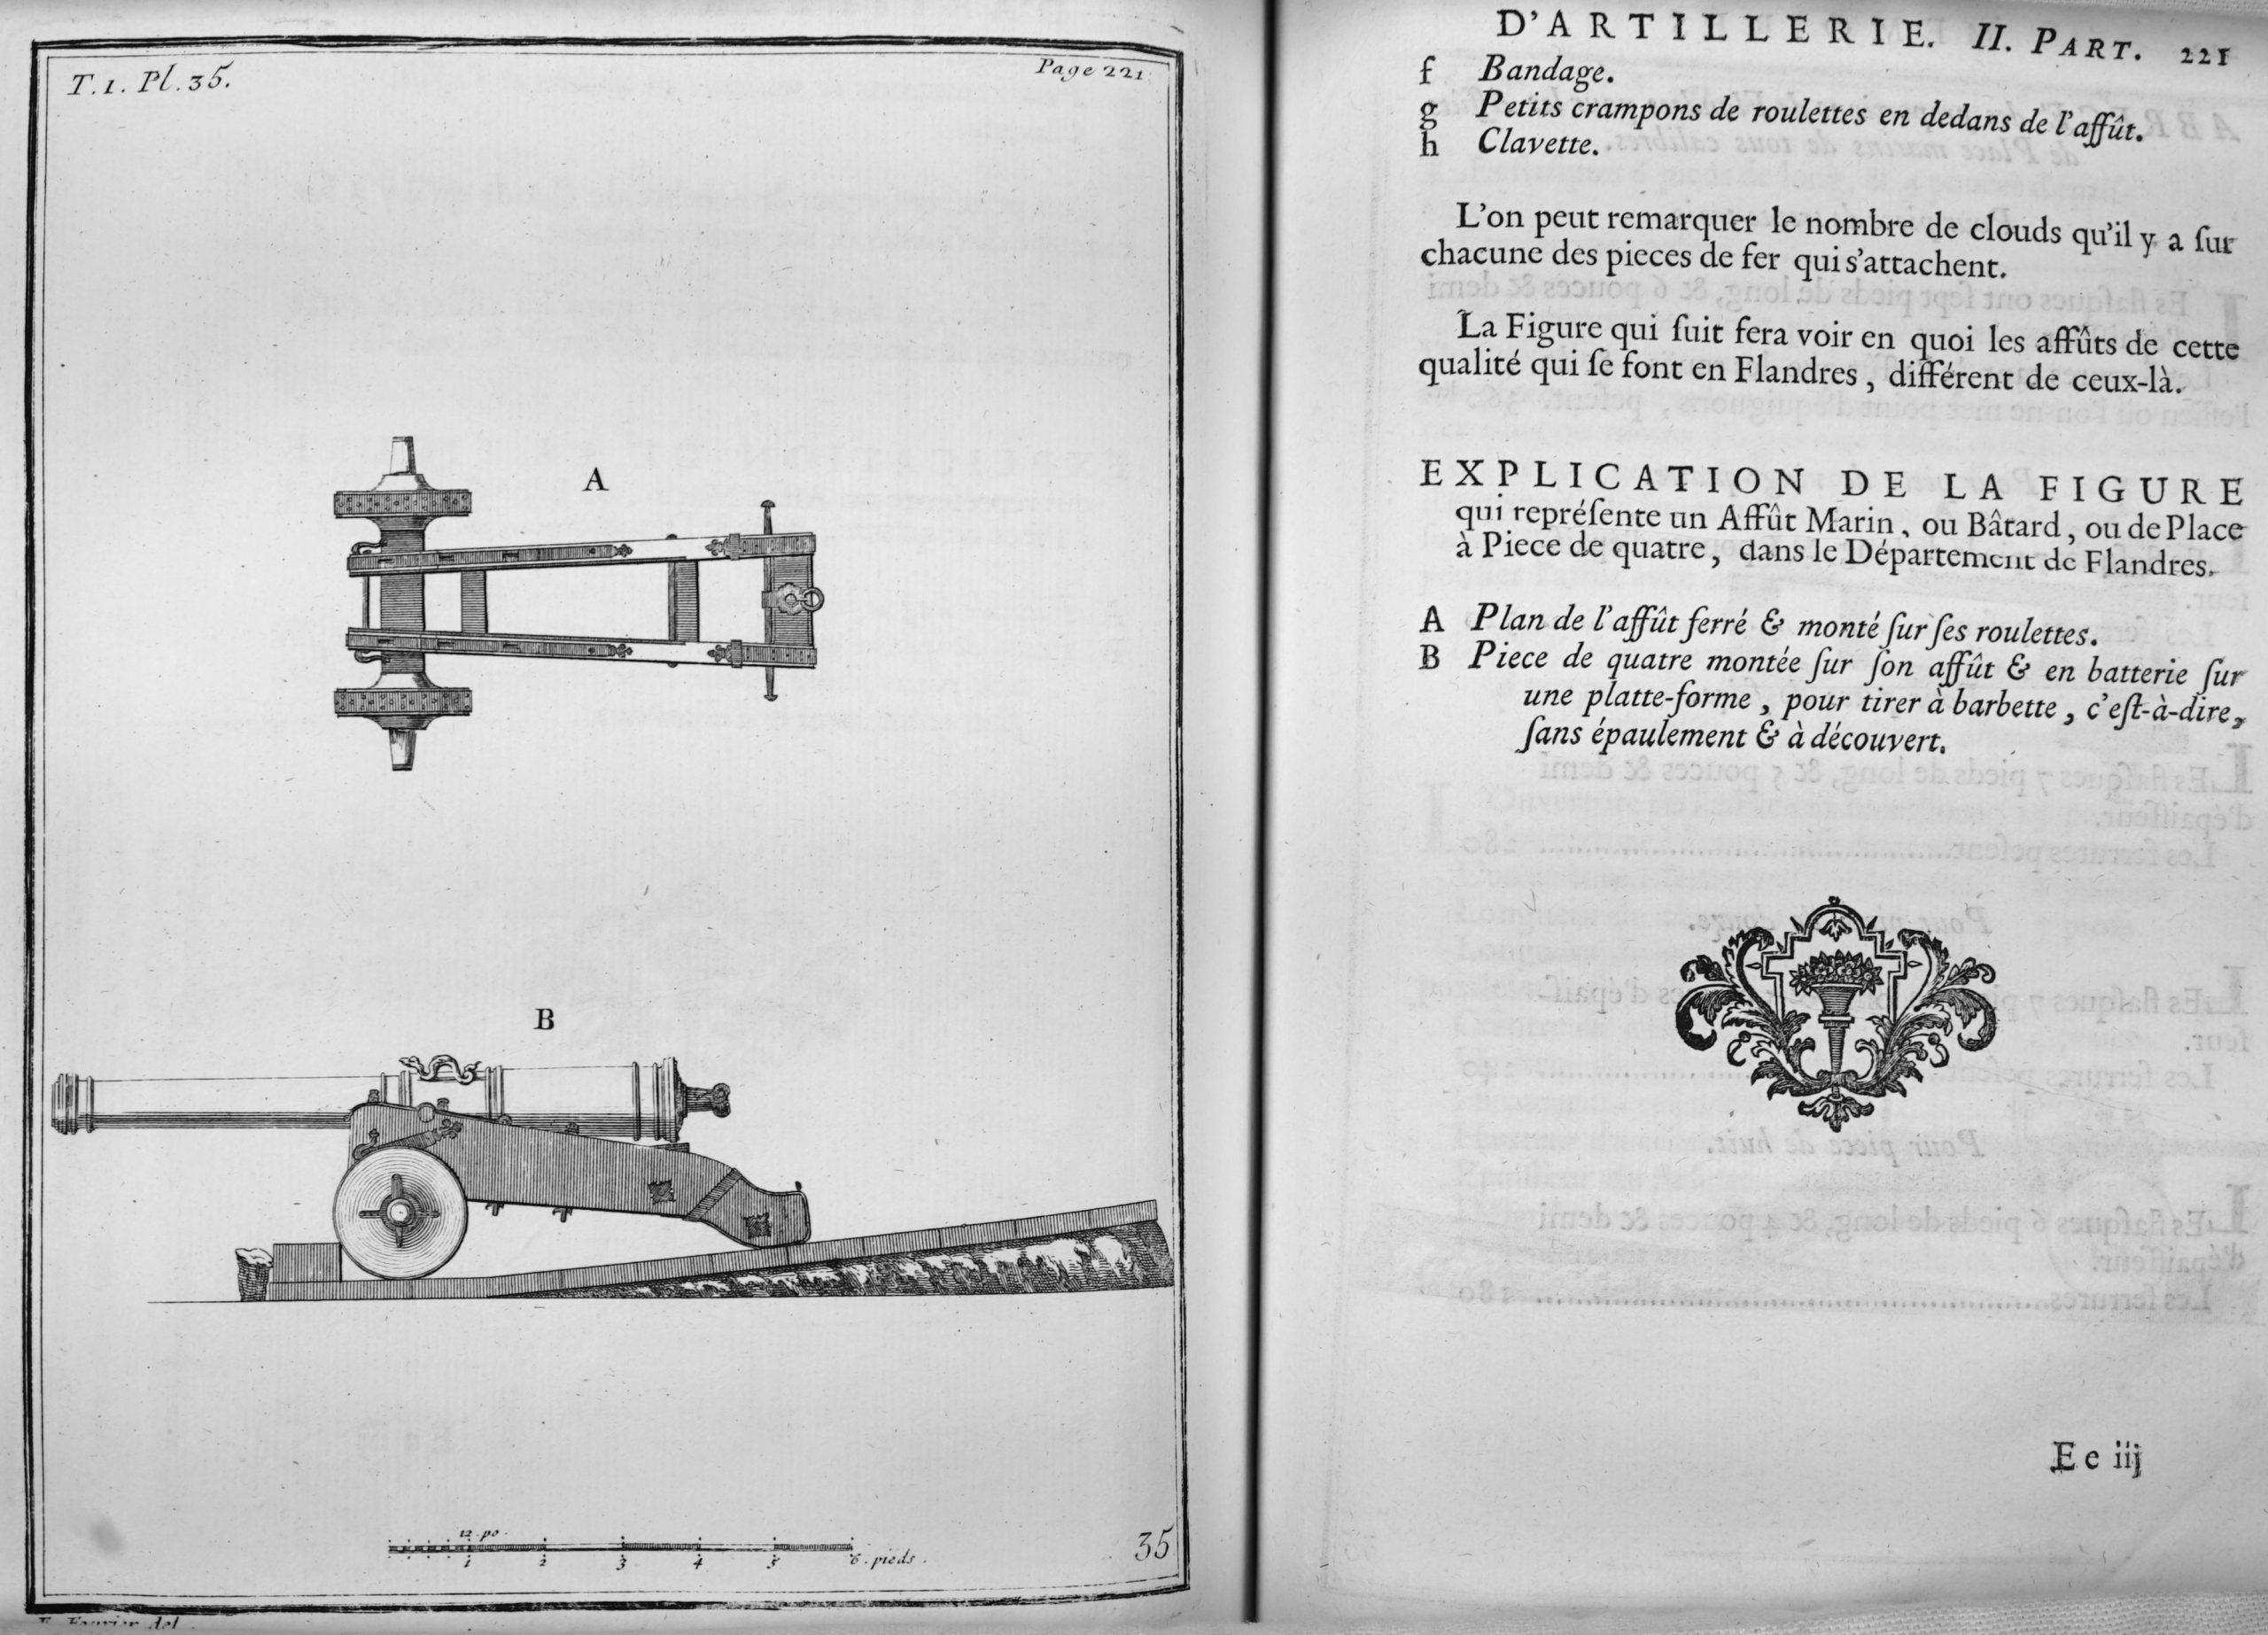 File:mémoires D'artillerie Surirey 78397 - Wikimedia Commons dedans Un Mot Pour Quatre Images